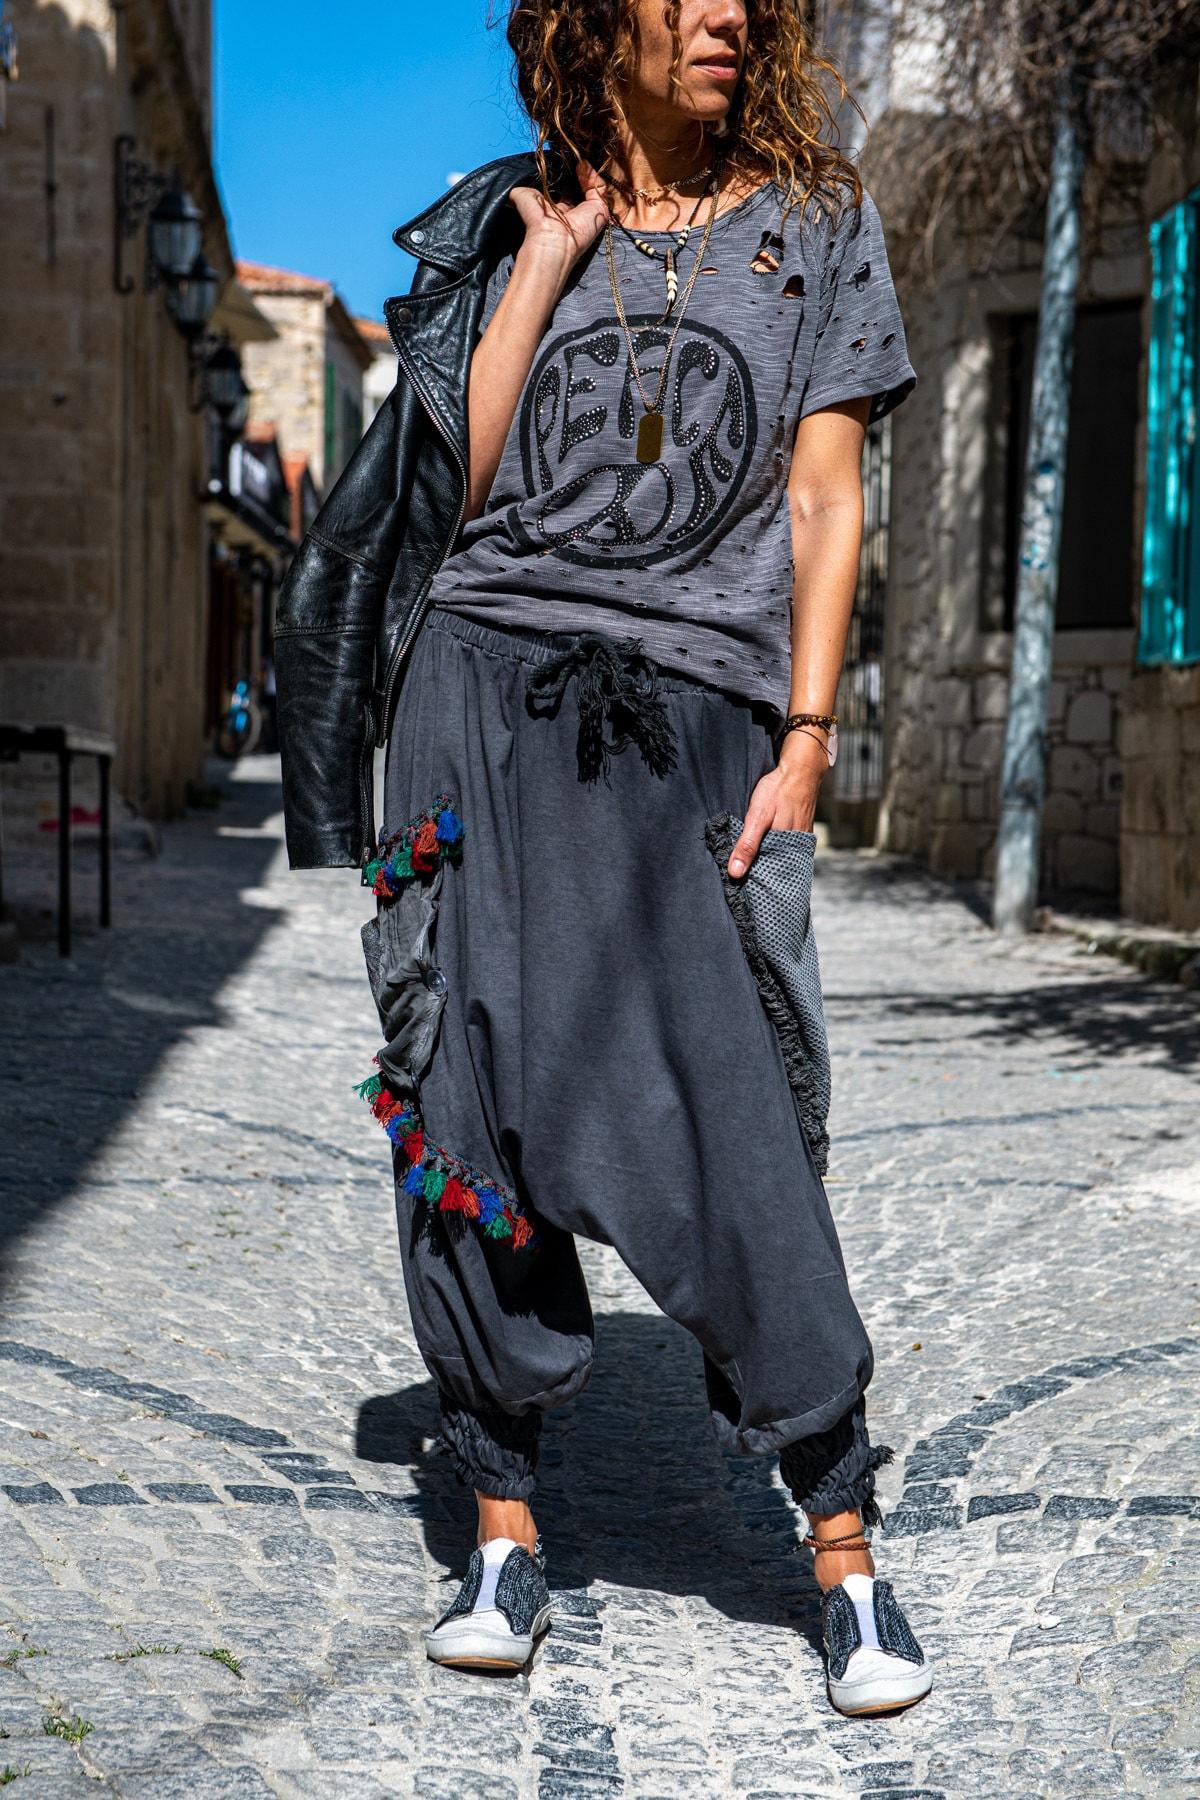 Güneşkızı Kadın Antrasit Yıkamalı Paçası Bağlamalı Püsküllü Salaş Şalvar Pantolon GK-RSD2032 0